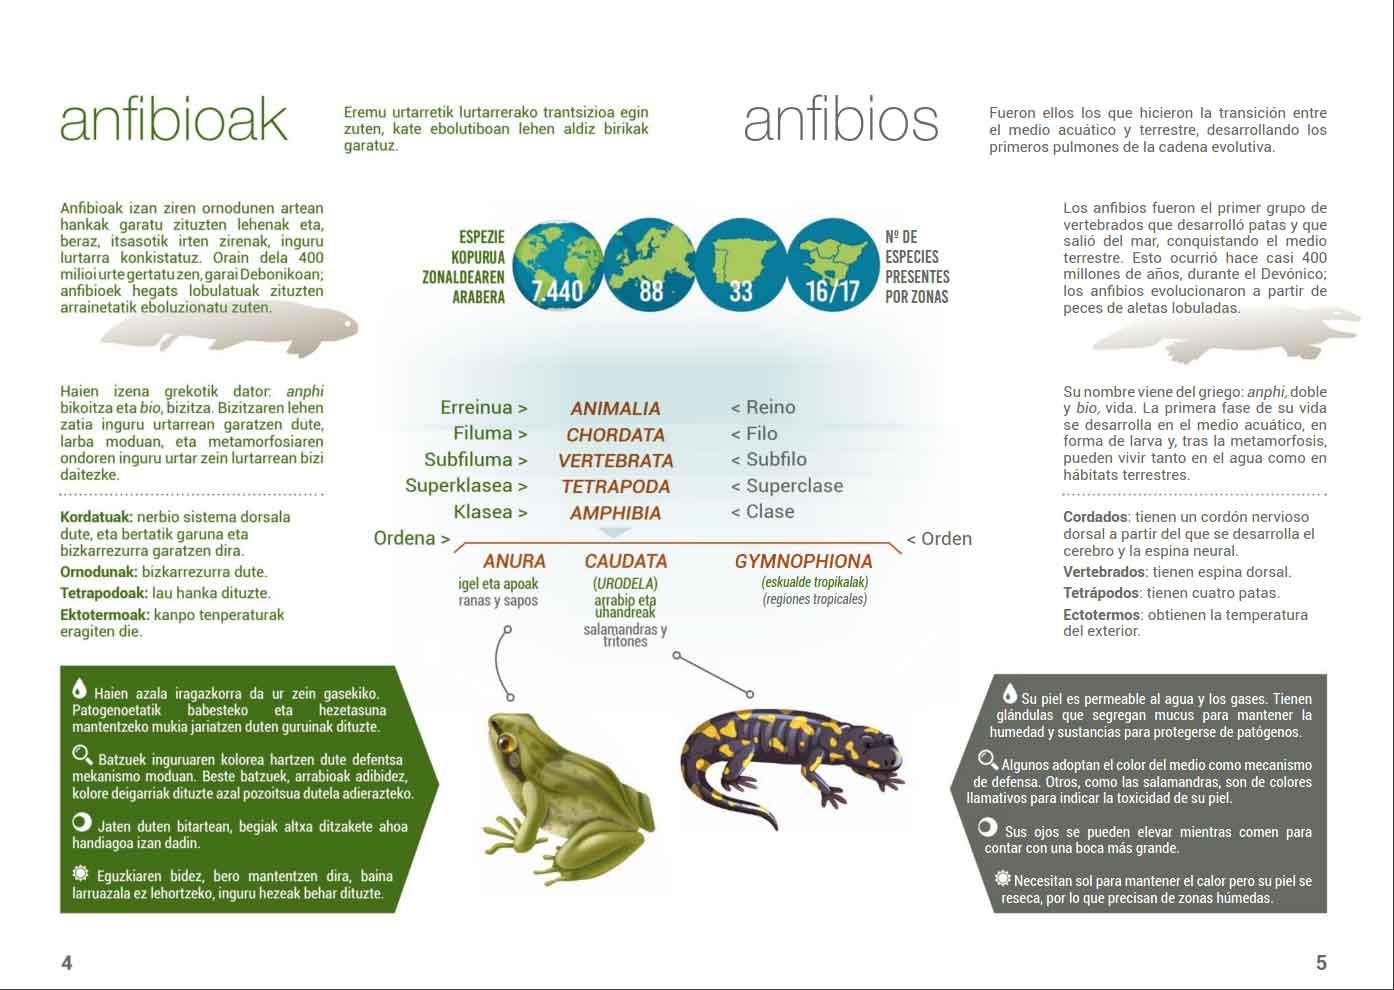 Anfibios-y-reptiles-Lurgaia-2